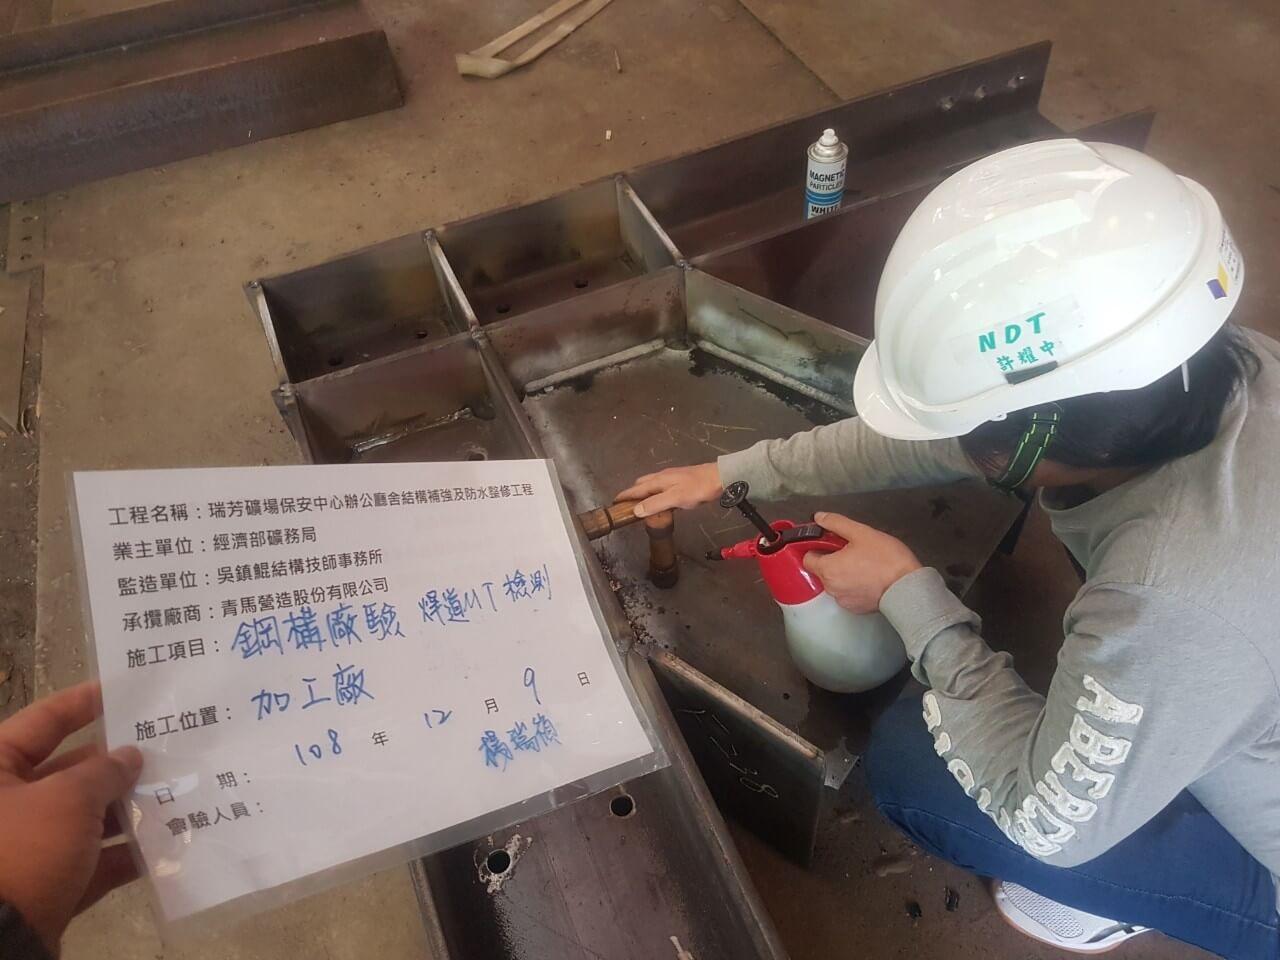 7. 鋼構廠驗及焊道MT檢測